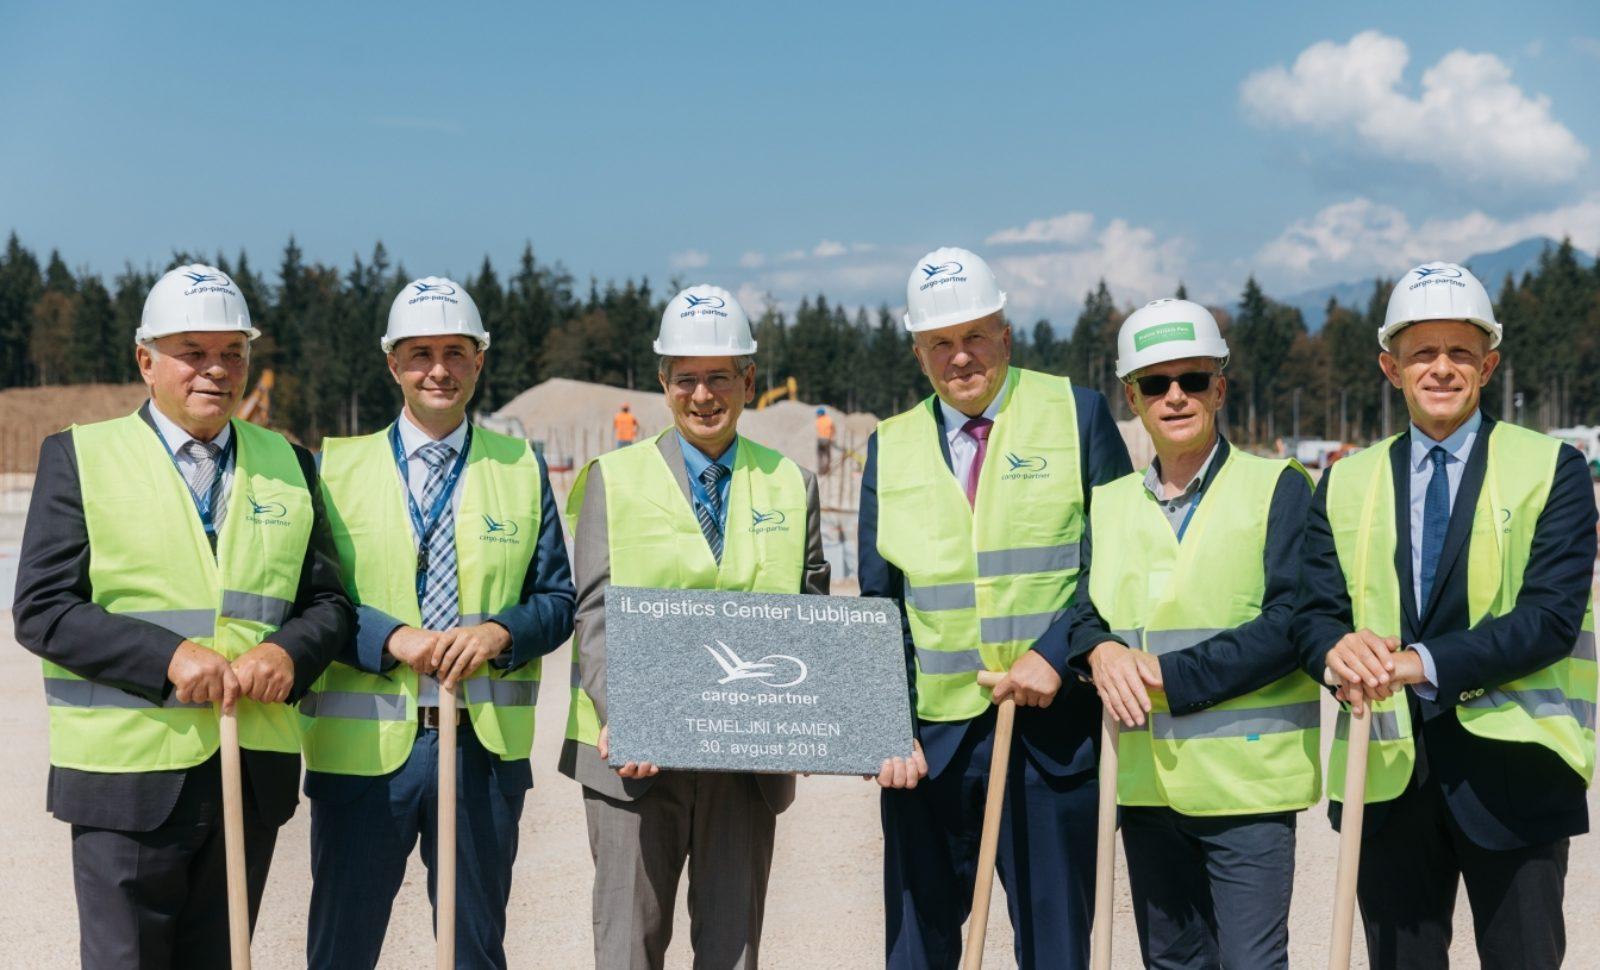 cargo-partner beginnt offiziell mit Bau des iLogistics Centers in Ljubljana